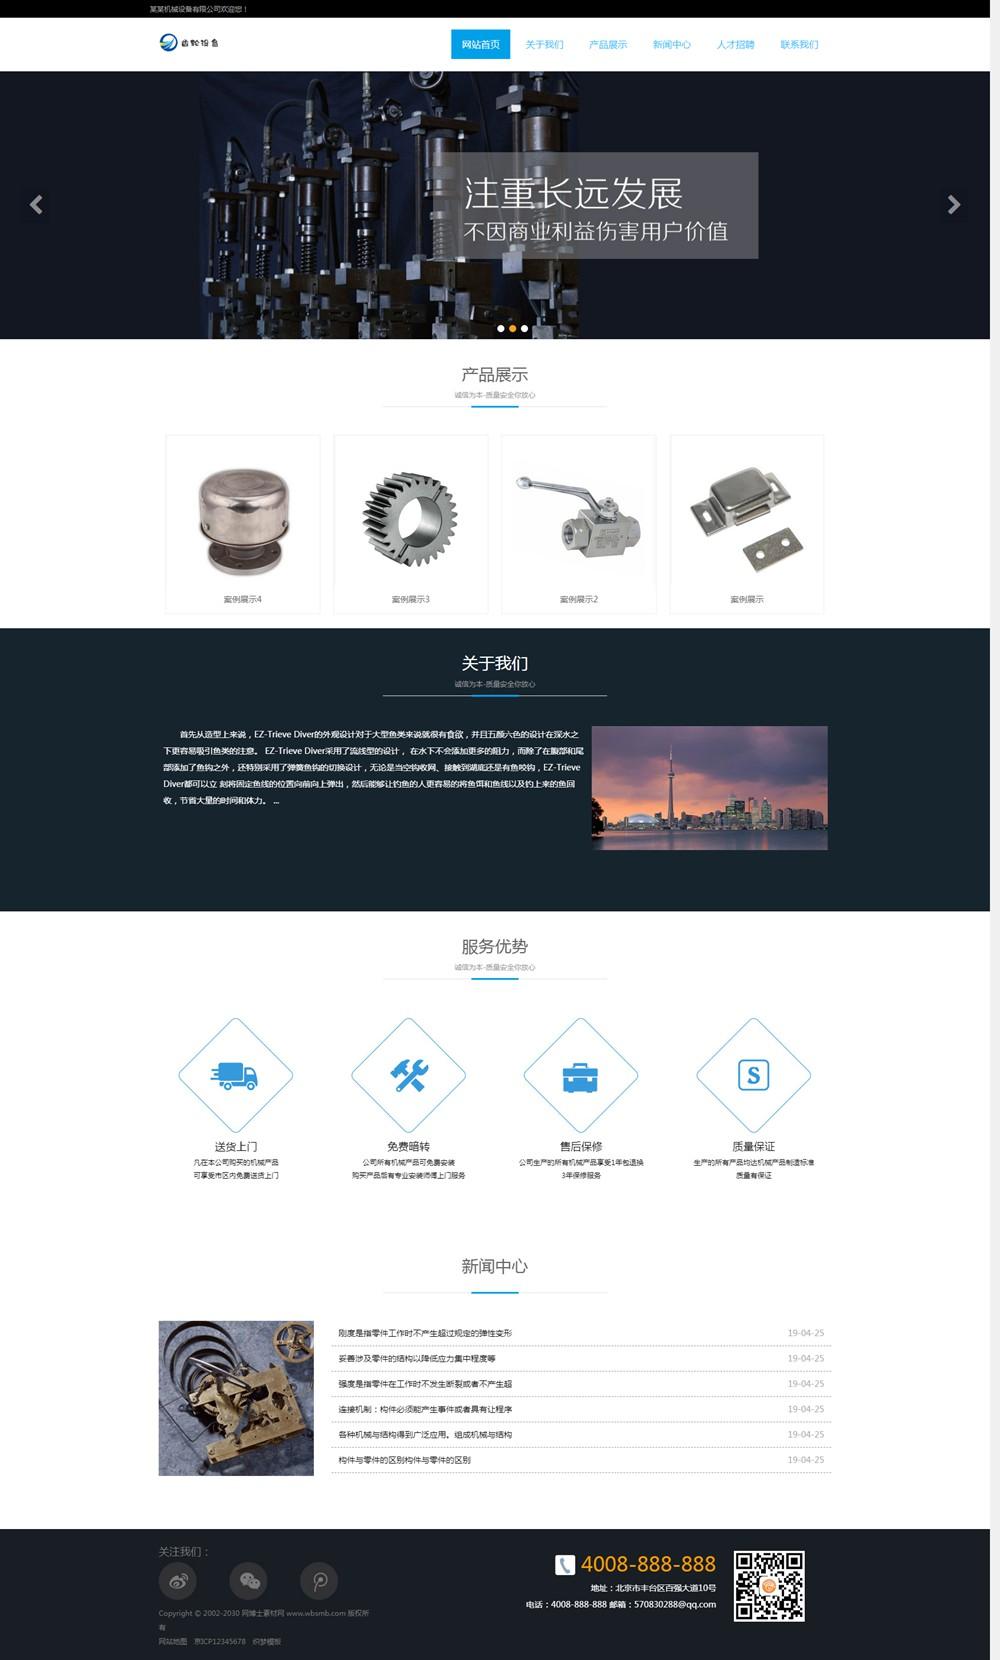 (自适应手机版)响应式齿轮设备类网站织梦模板 html5五金机械零件网站源码下载